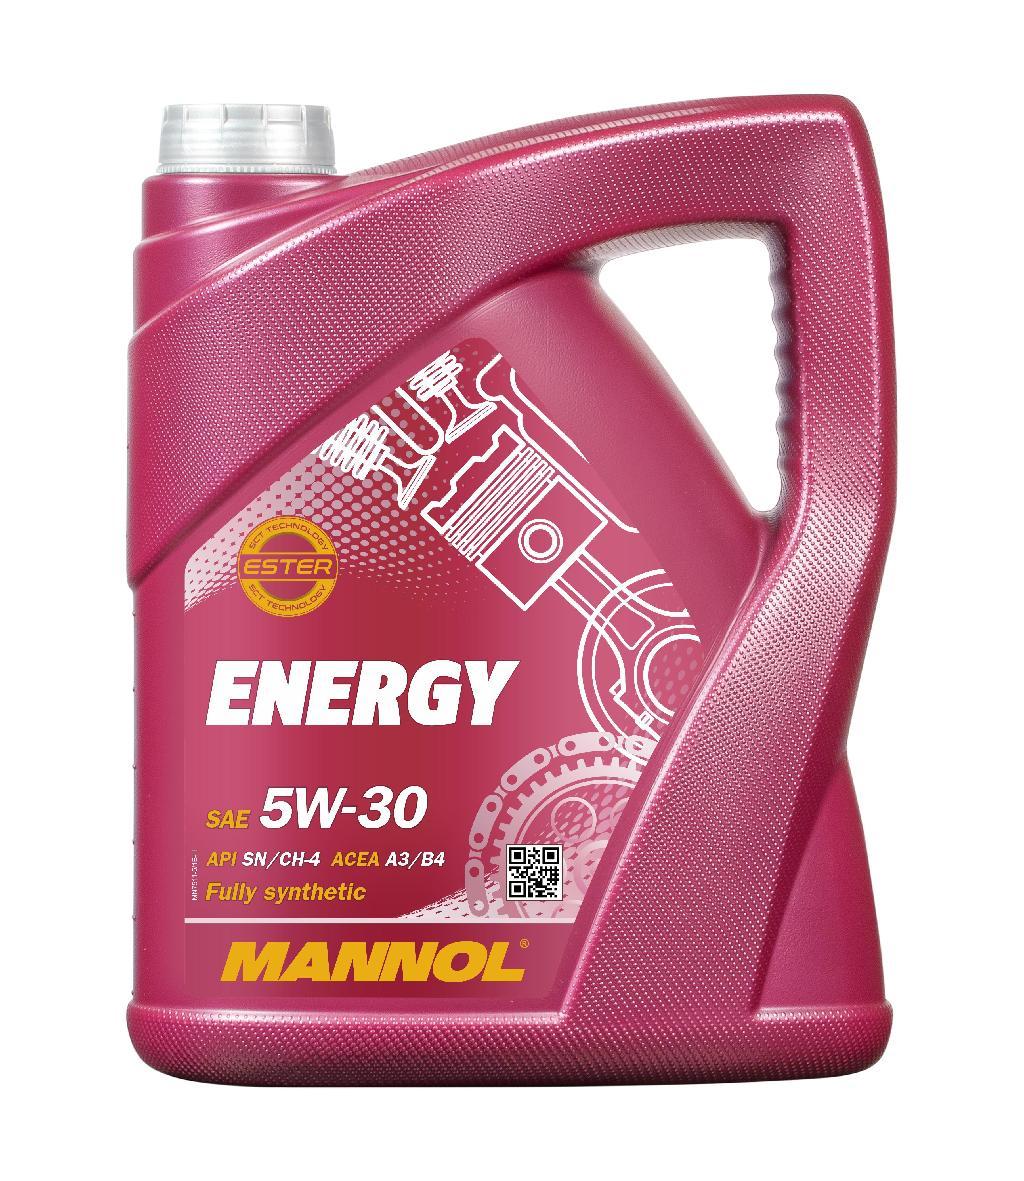 Motoröl MANNOL MN7511-5 Energy 5W-30 5-Liter Benzin und Diesel Bild 1